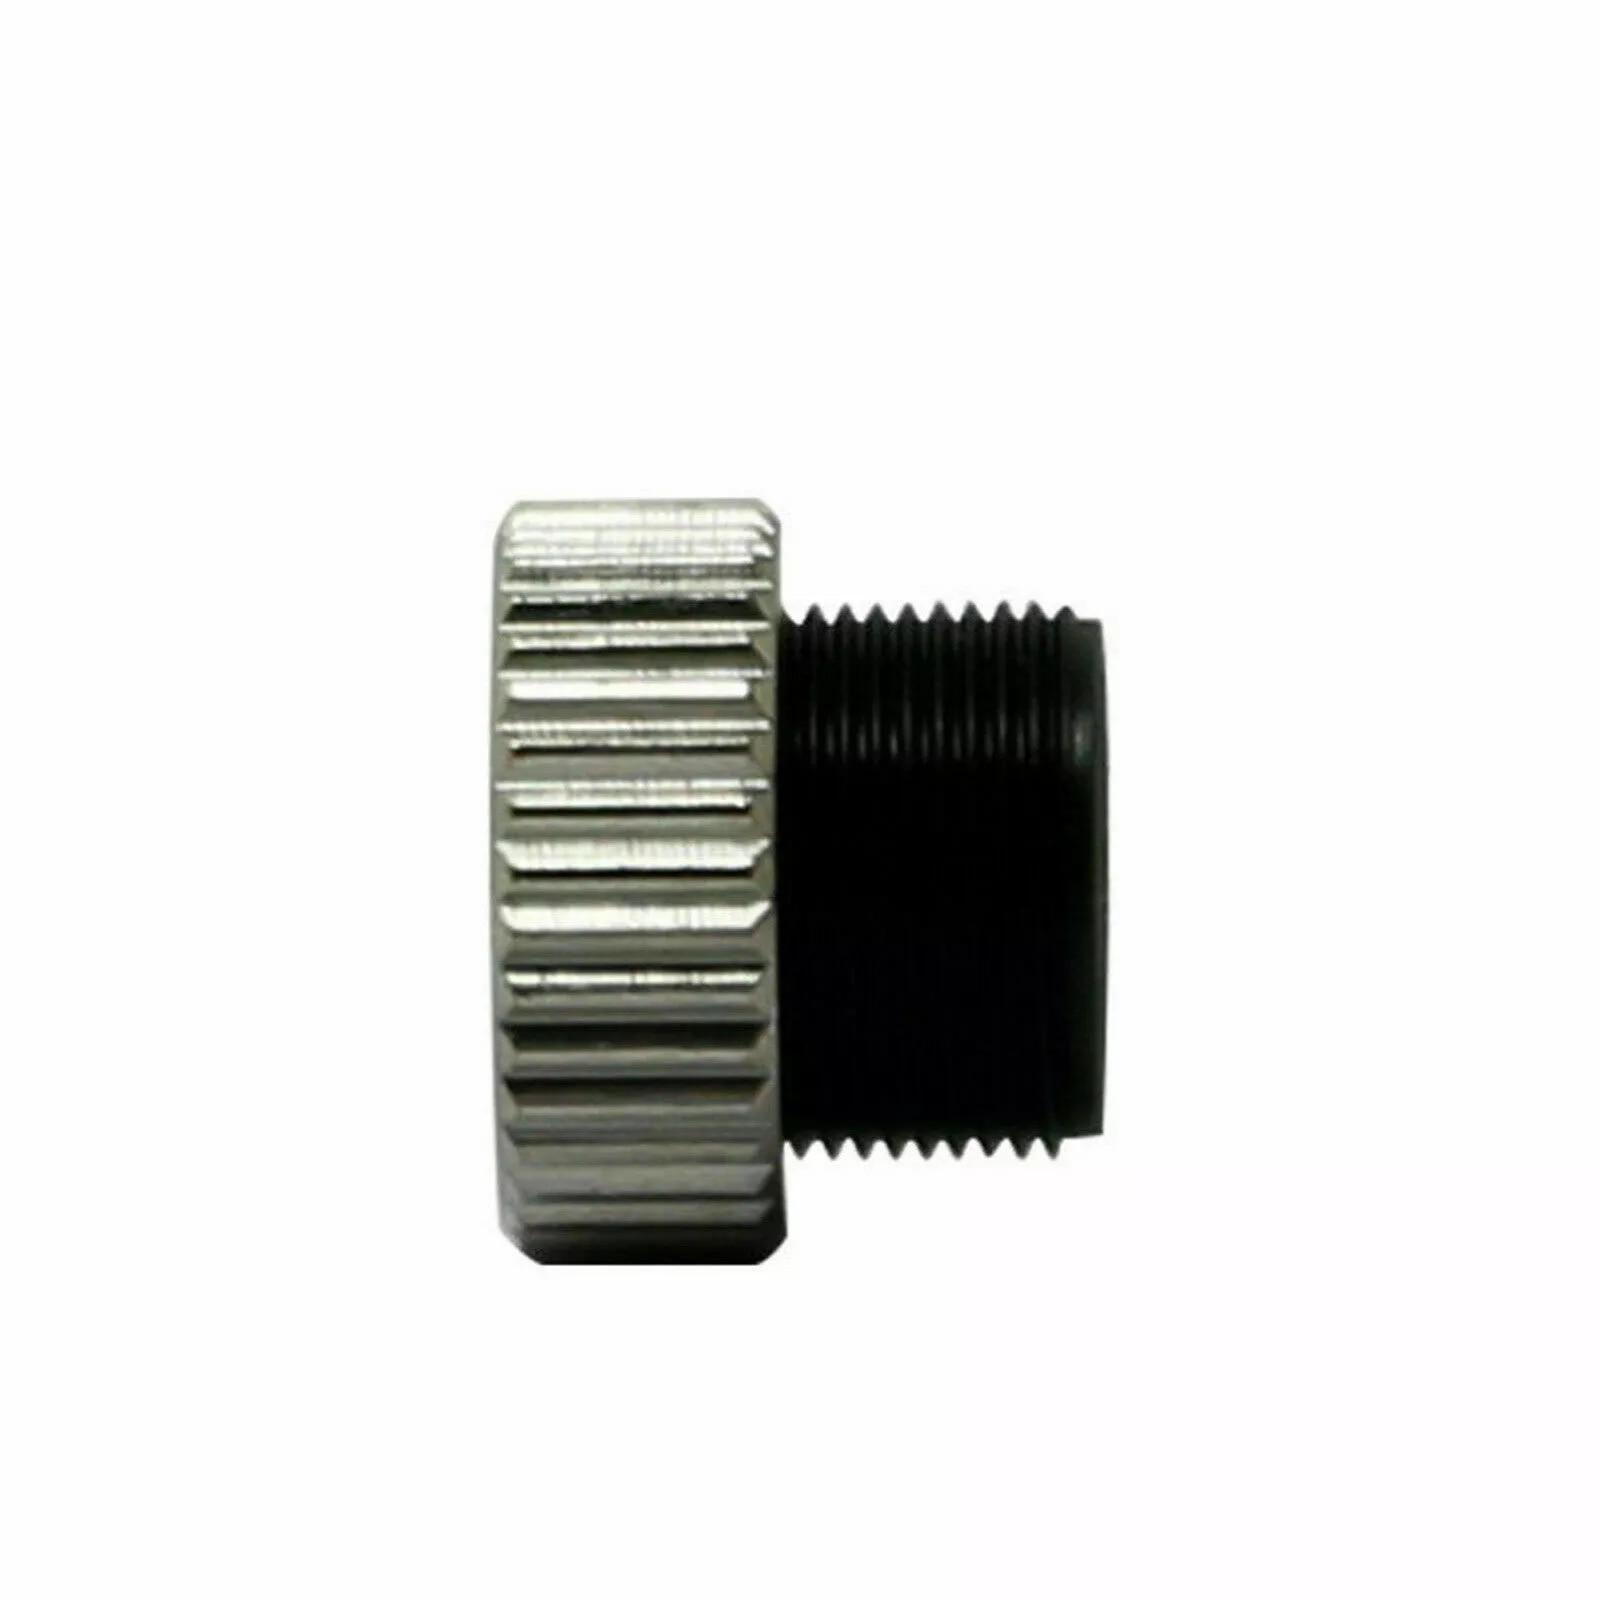 5 шт. 30% C2% B0 линия лазер линзы 200 нм-1100 нм с линзой оправой M9 и металл крышка оптика